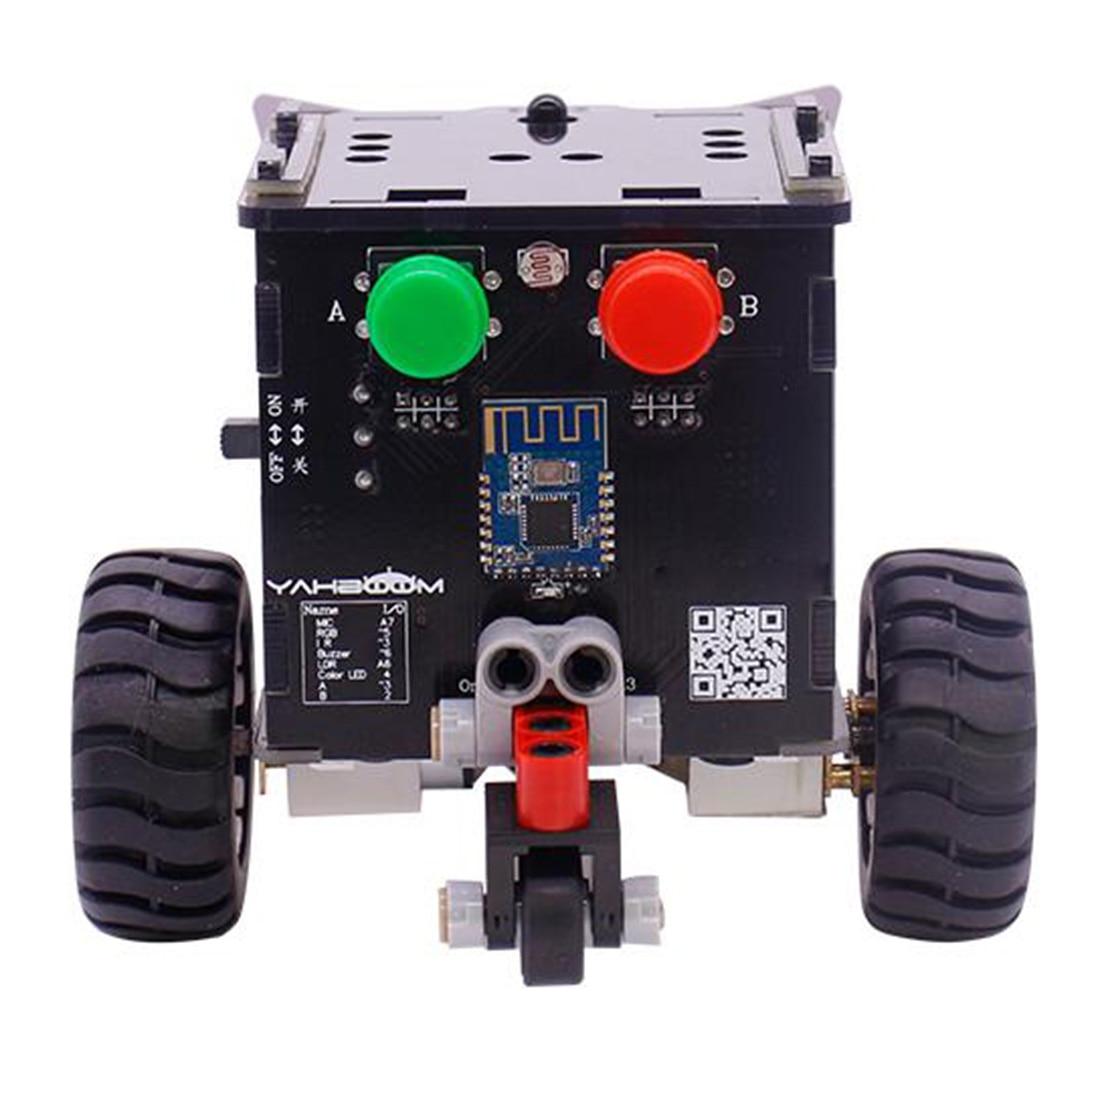 MODIKER High Tech Toys Standard Version Omibox Scratch Programmable Robot Car Kit Programmable Toys